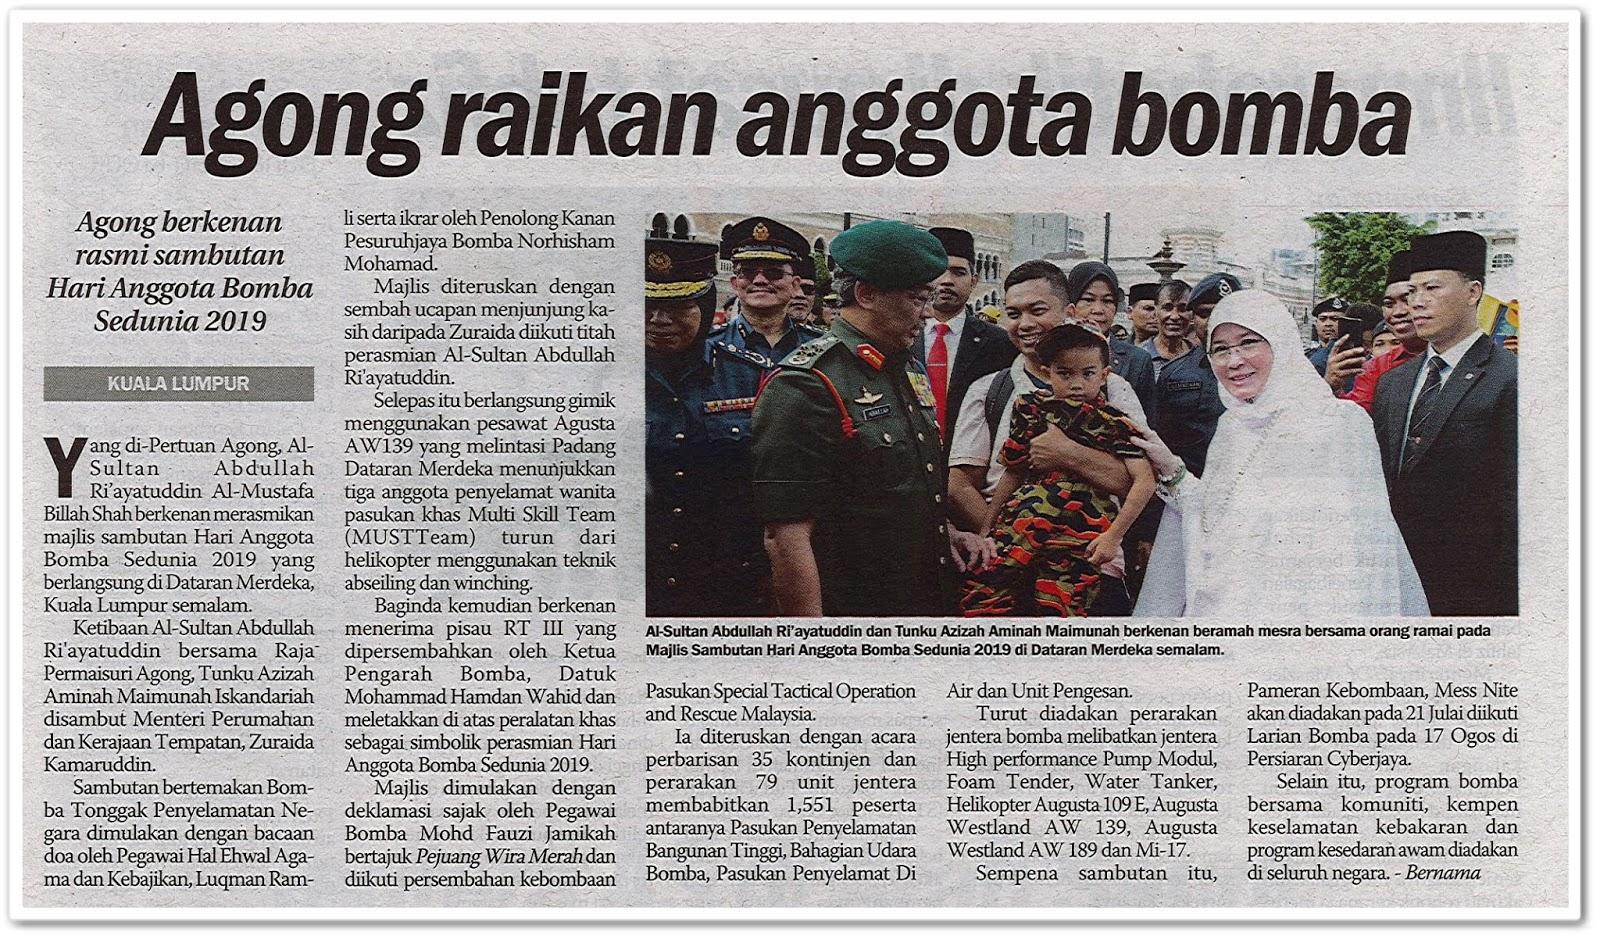 Agong raikan anggota bomba - Keratan akhbar Sinar Harian 21 Julai 2019